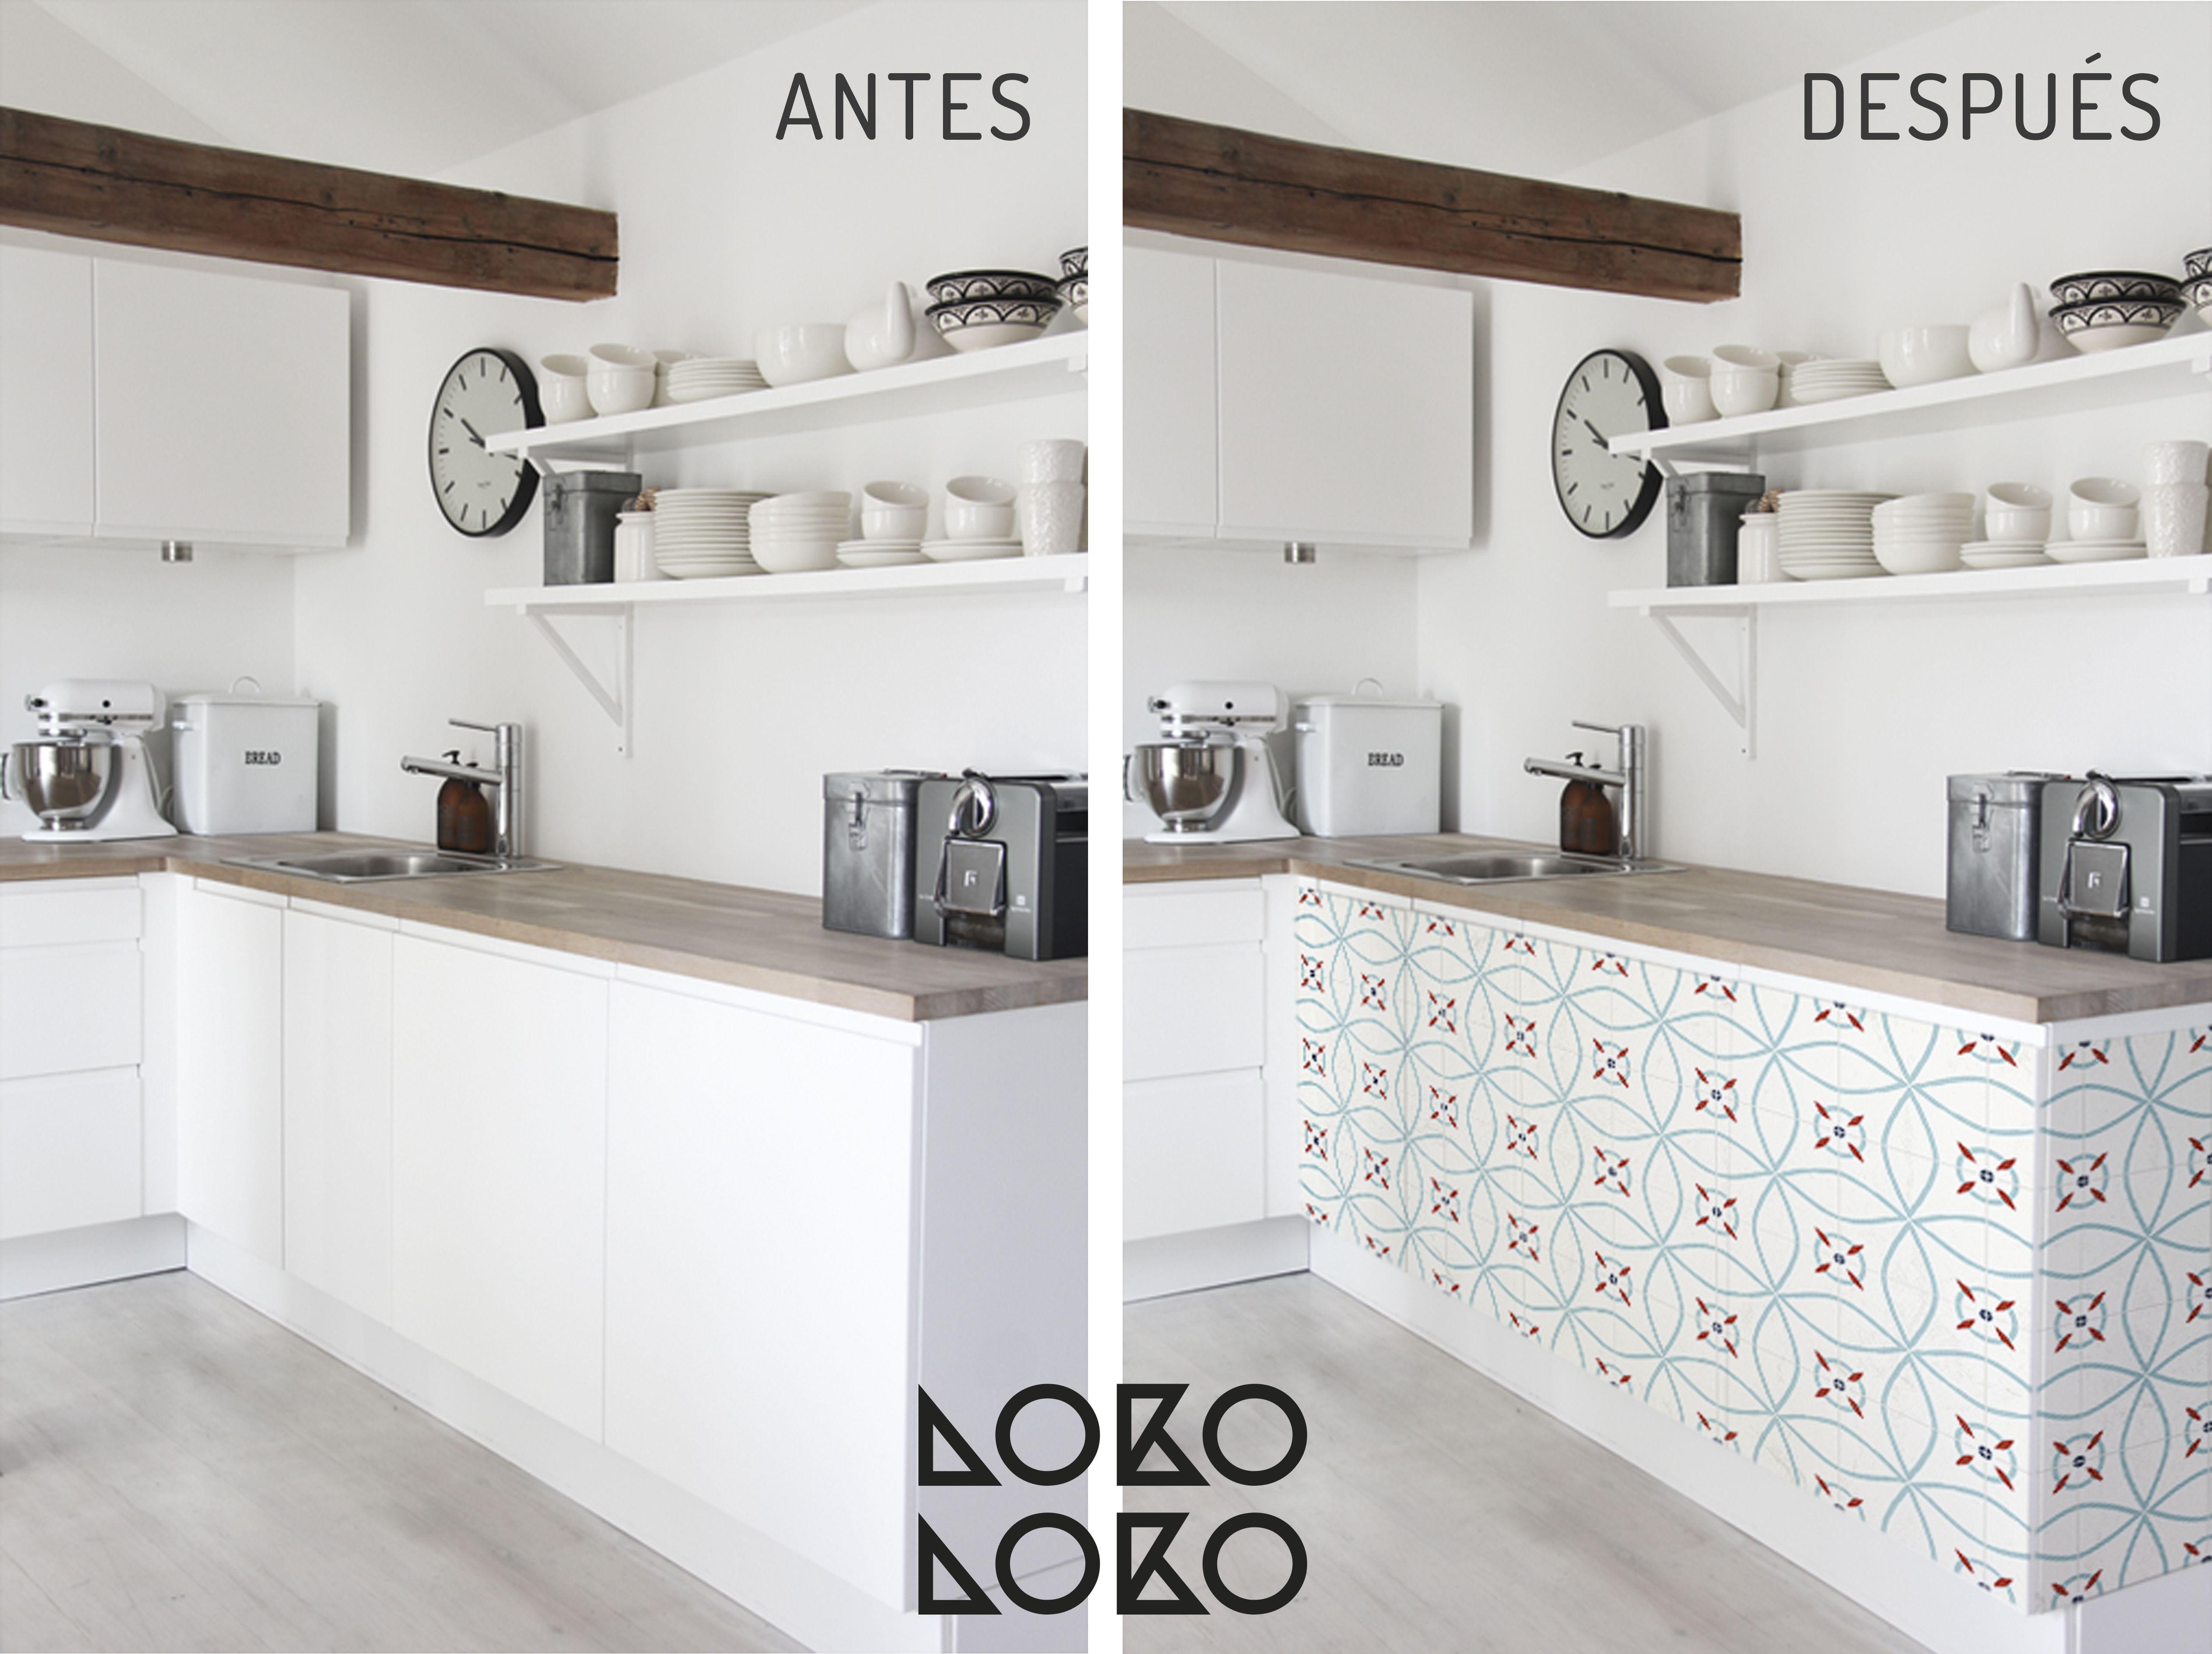 10 ideas con vinilo para transformar cocinas blancas | Diseño ...